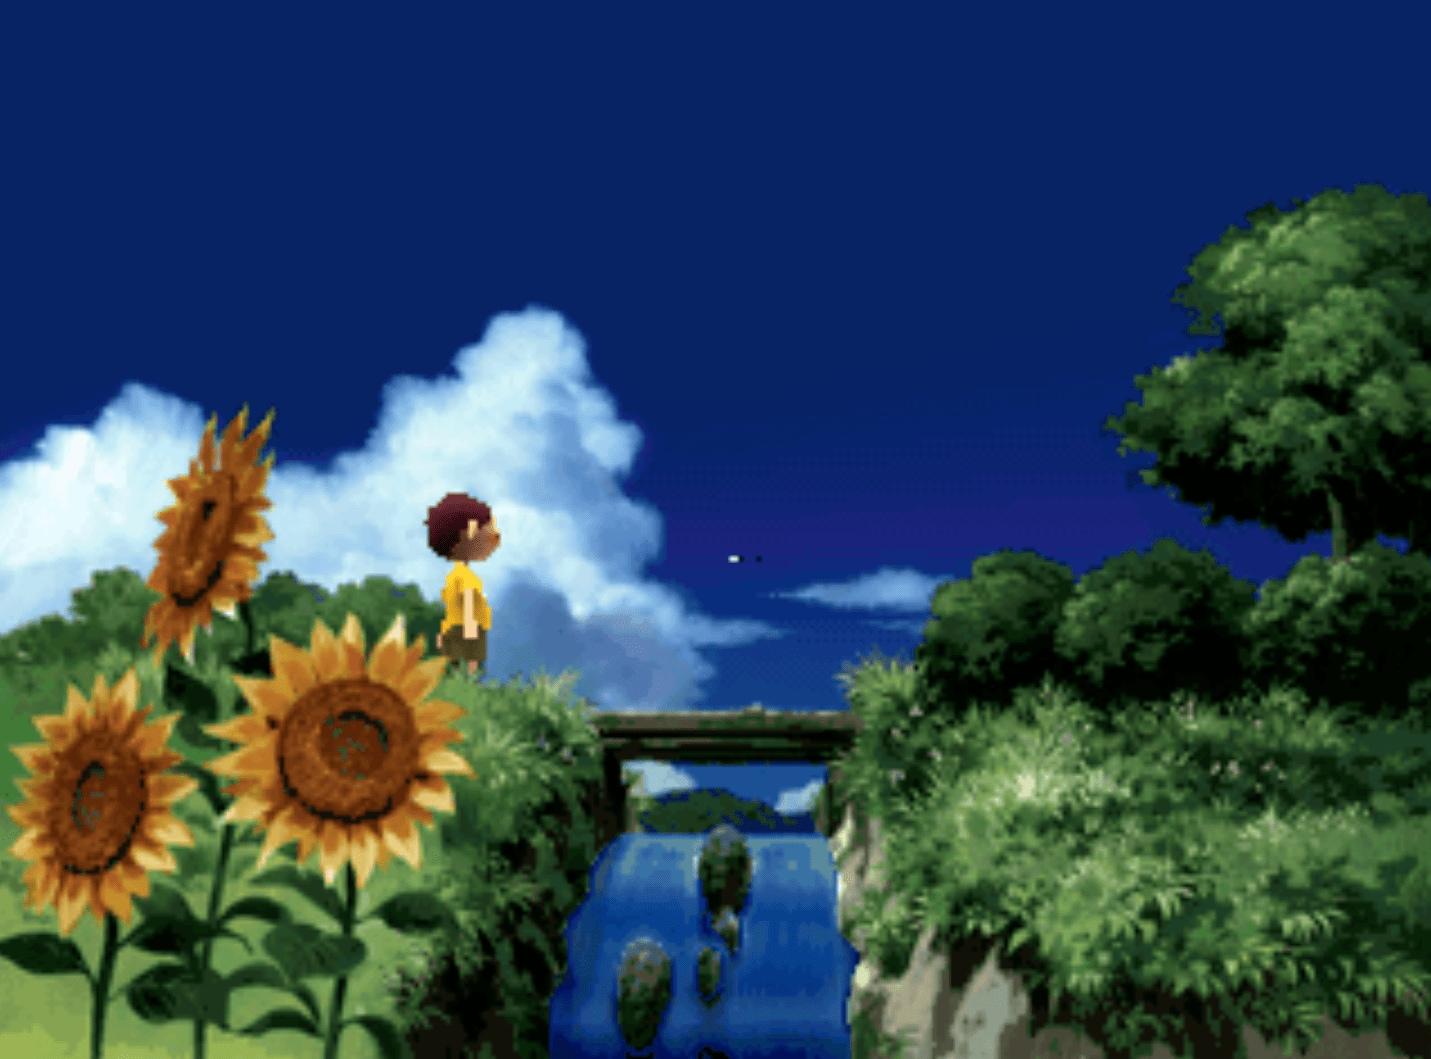 """プレステ『ぼくのなつやすみ』20周年記念日!""""忘れてしまったあの頃""""の記憶を思い出す名作ソフトの画像005"""